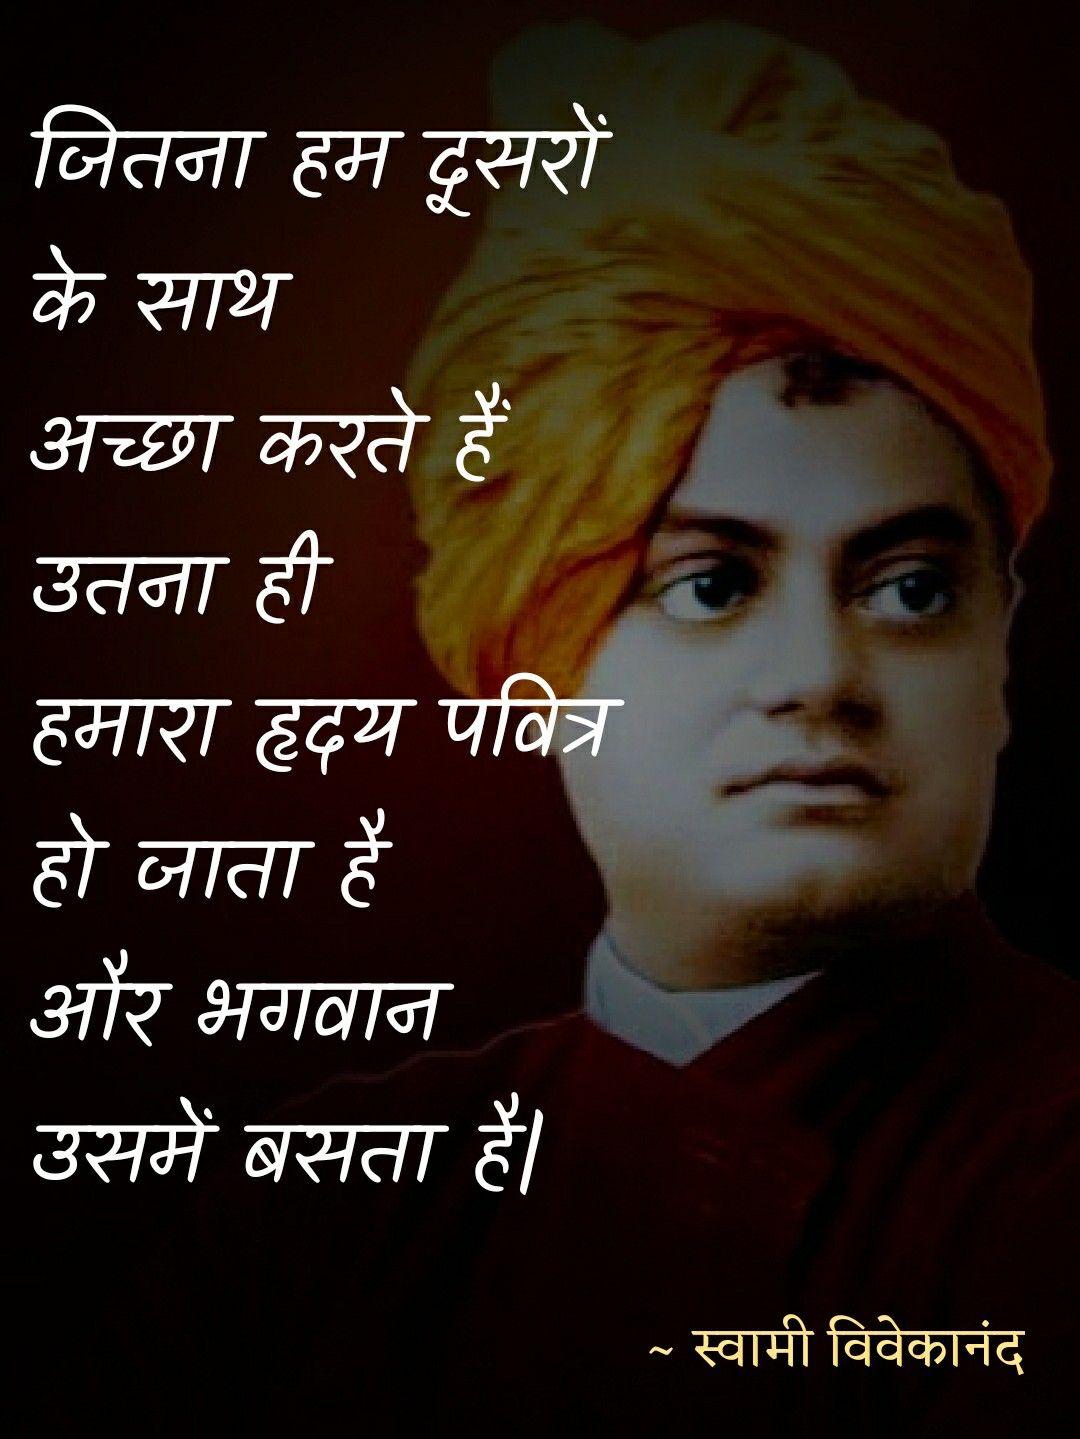 Quotes of Swami Vivekananda - स्वामी विवेकानंद के विचार